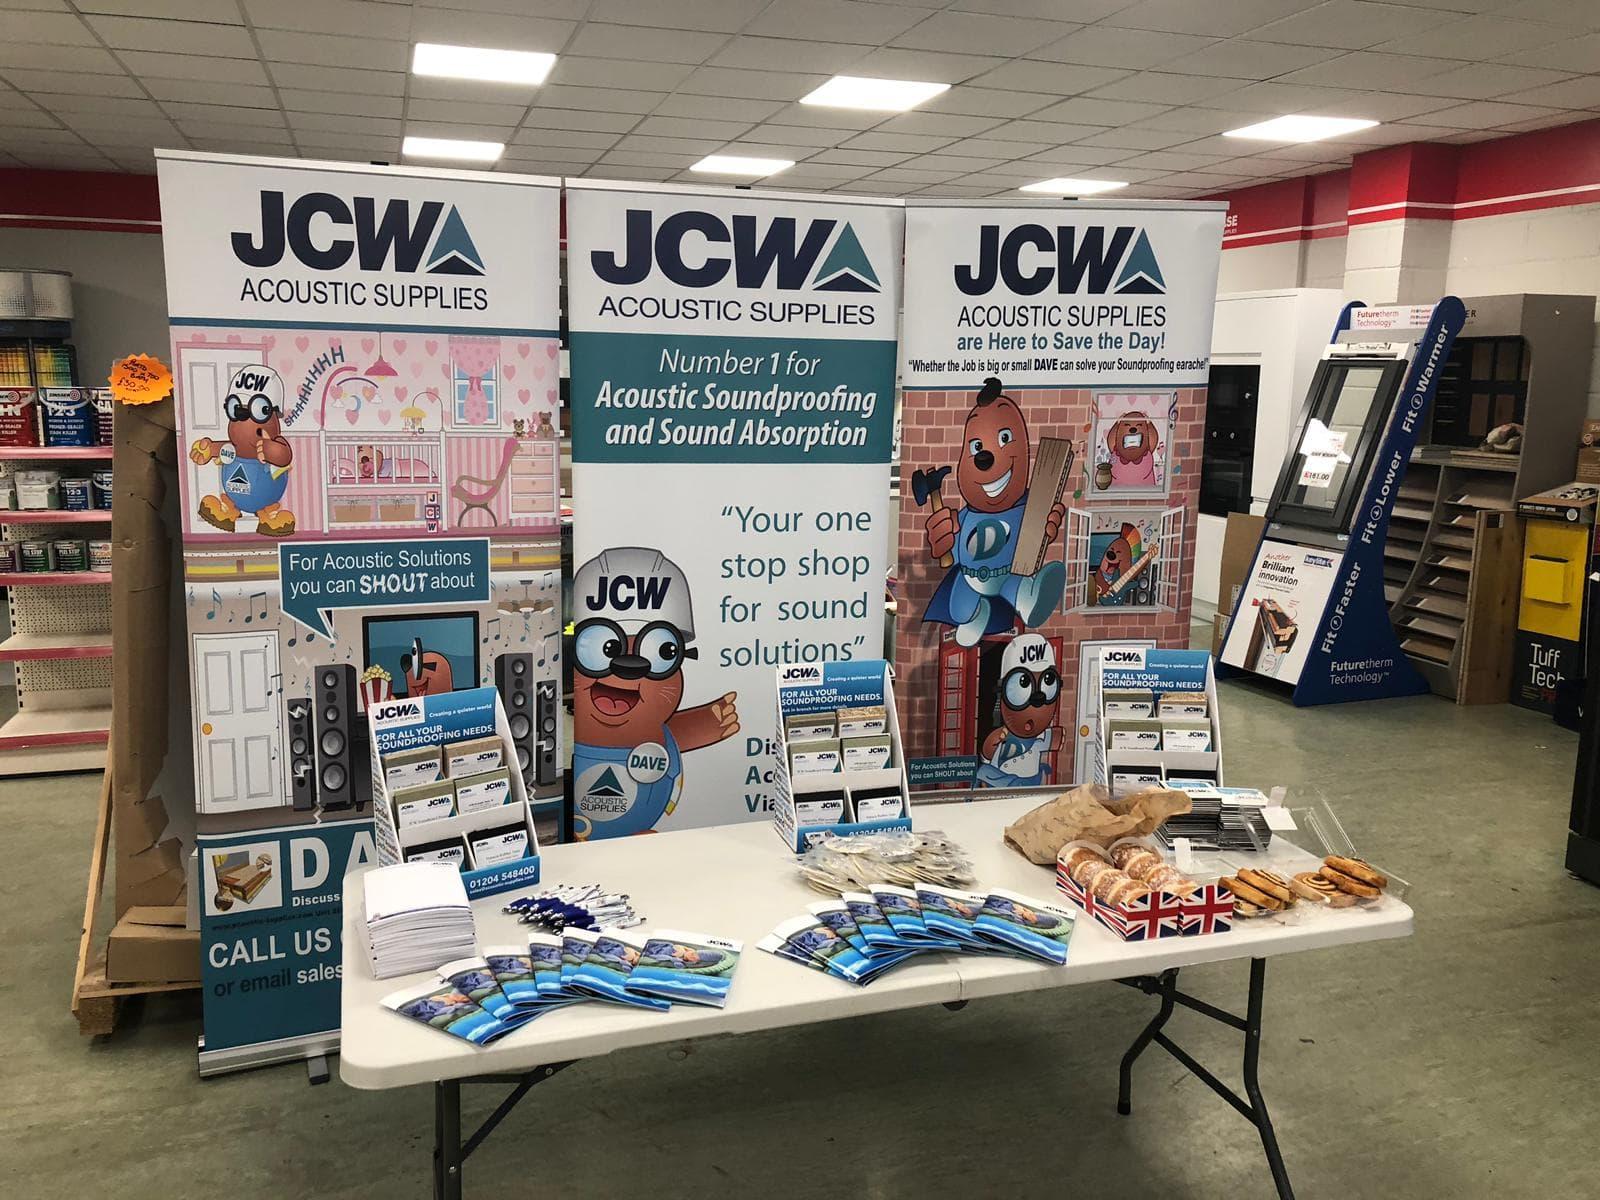 #JCWOnTOur Acoustic Supplies road show